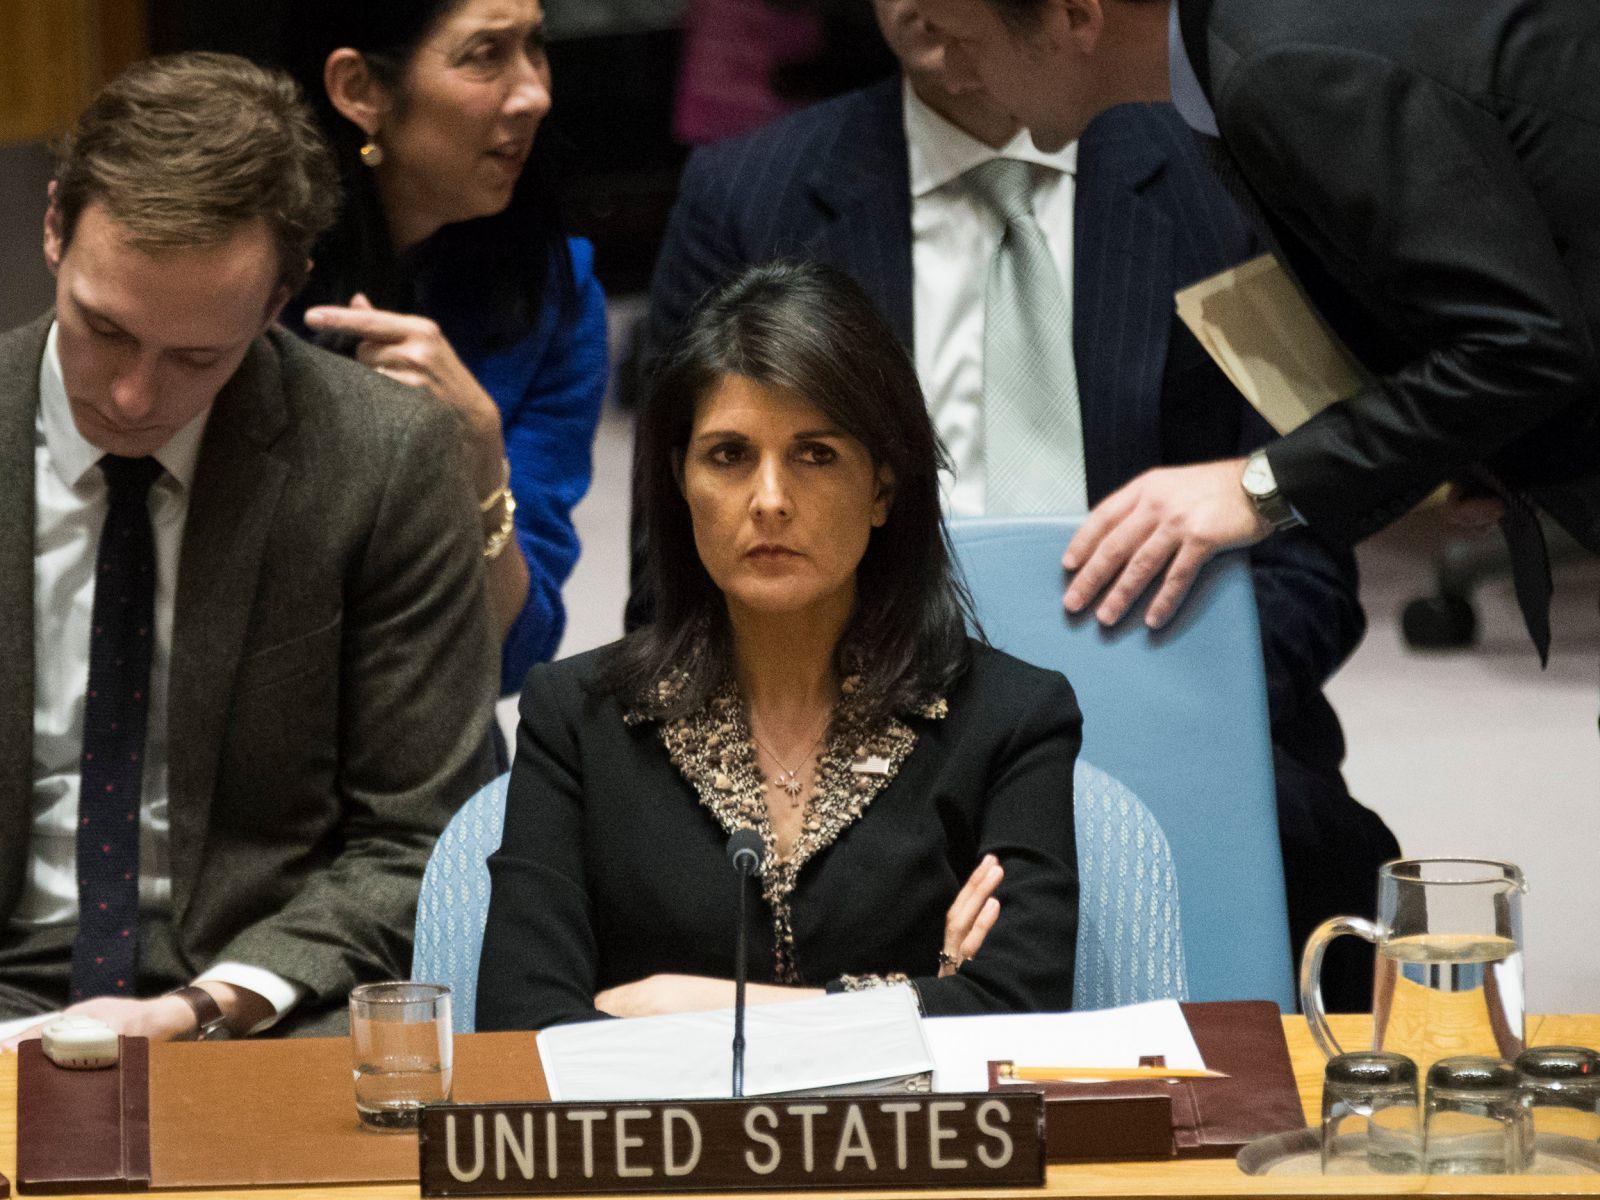 Analista: La resolución de la ONU sobre Hamas es una bofetada para estados unidos que solo persigue los objetivos del AIPAC, el lobby de Israel